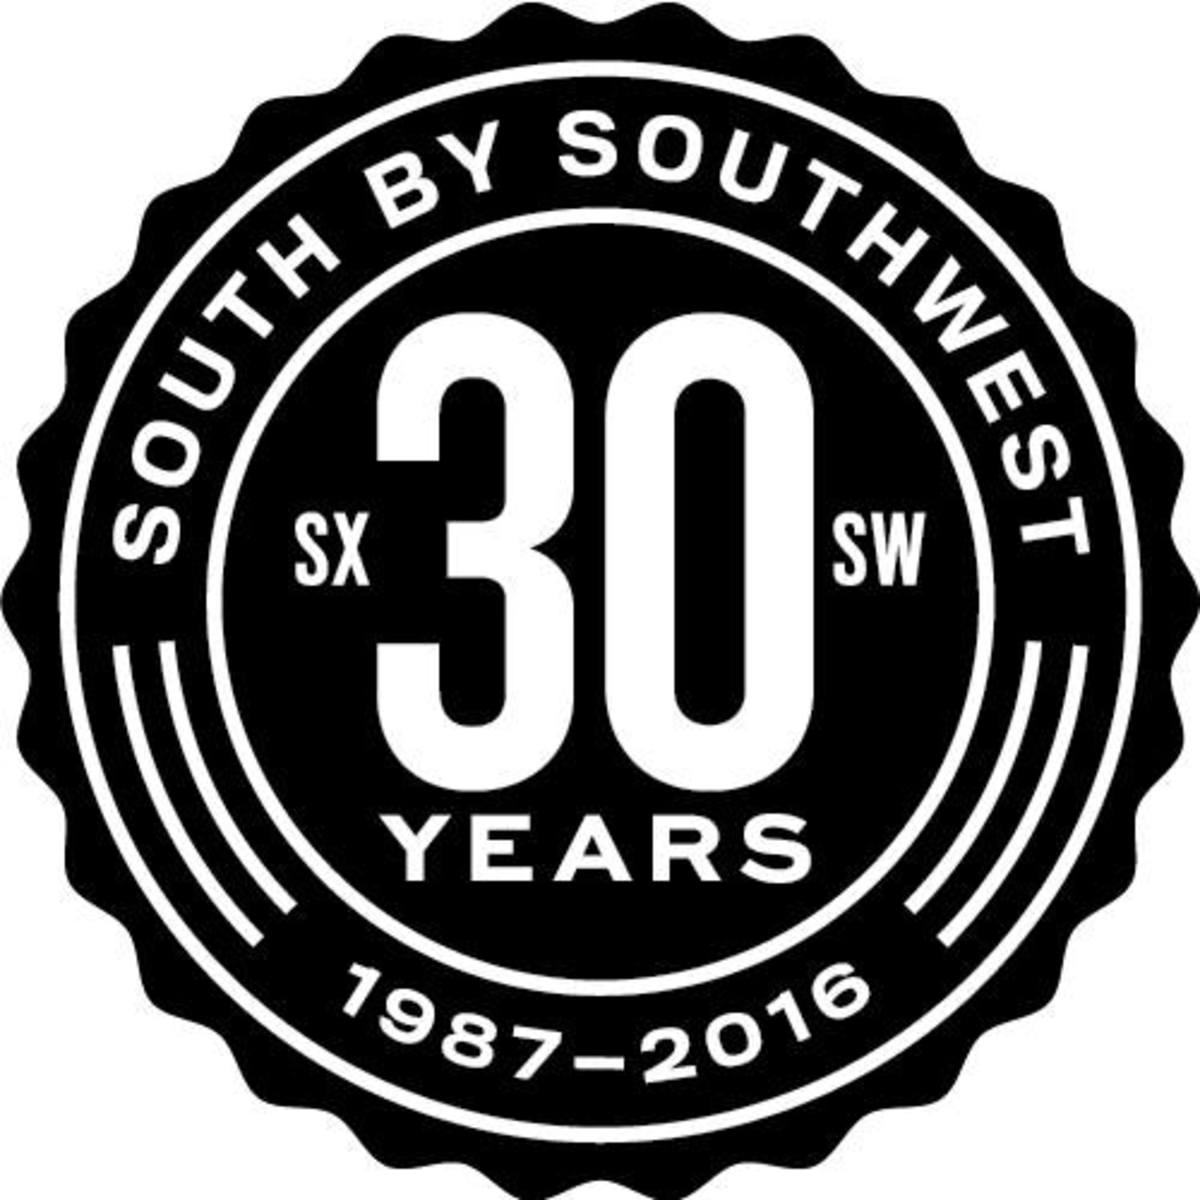 SXSW 30 years 2016.jpg